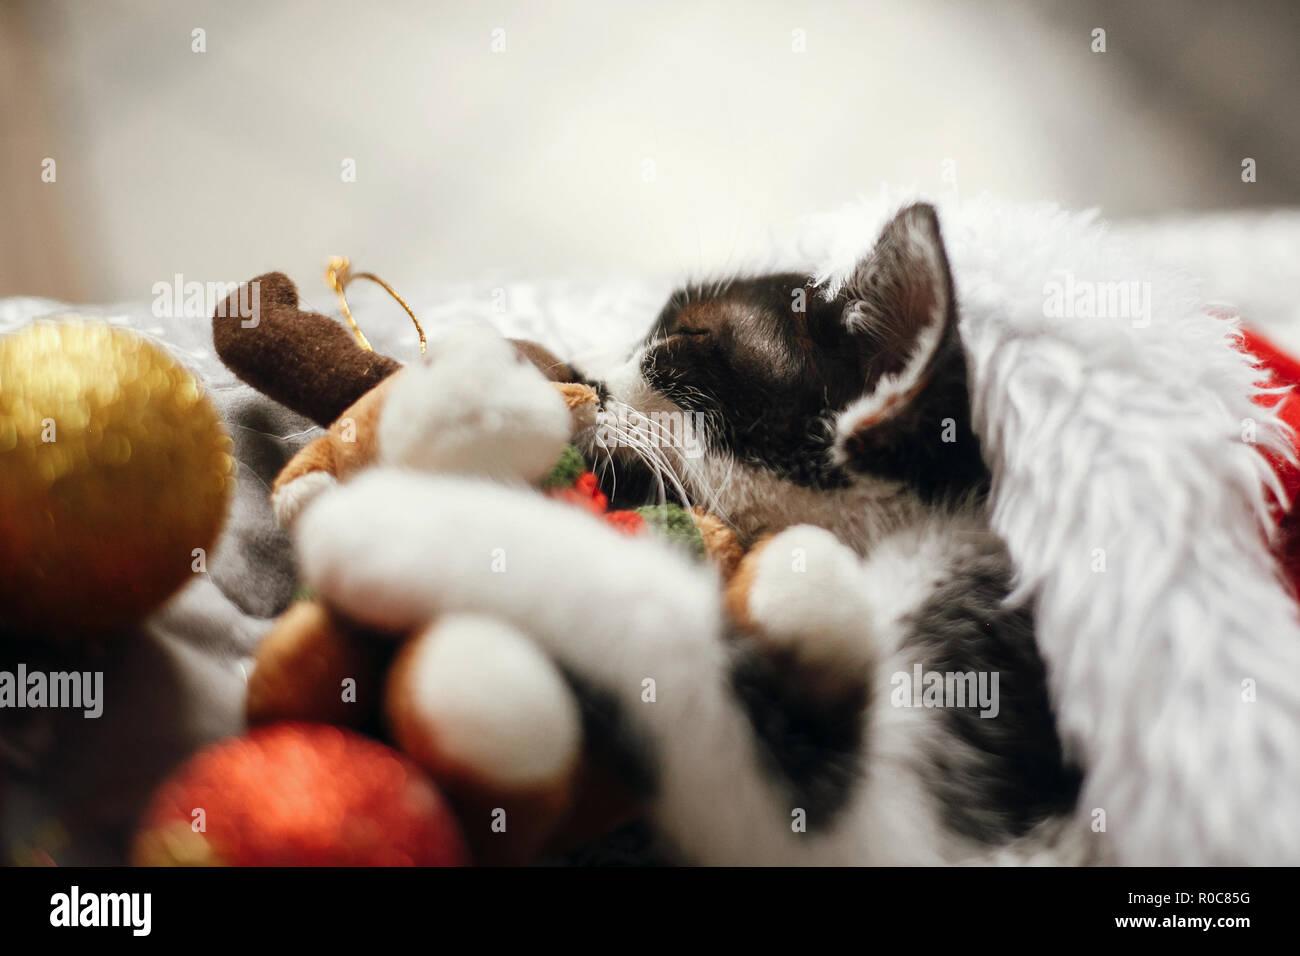 Cute Kitty schlafen in Santa Hut auf dem Bett mit Gold und Rot Christbaumkugeln in festlichen Raum. Frohe Weihnachten Konzept. Adorable Kätzchen napping Mit rei Stockbild